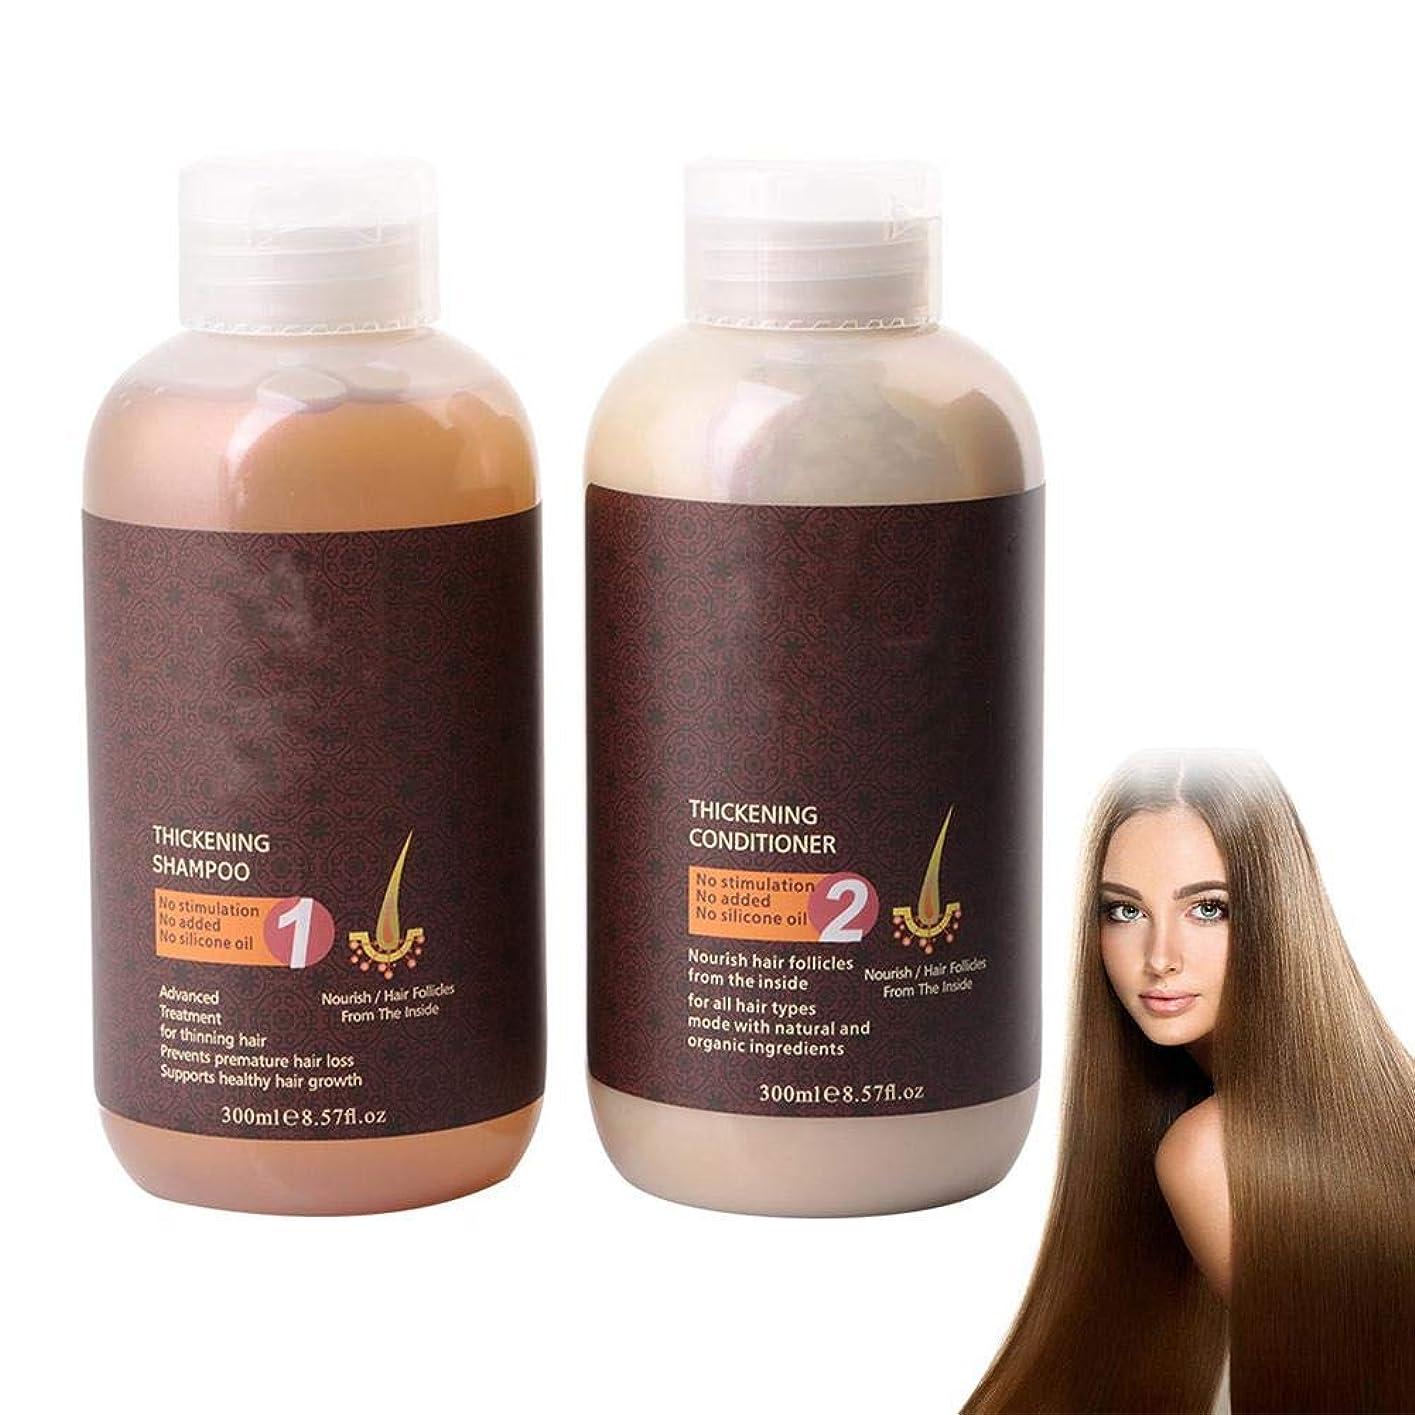 促す続ける提案する抗ふけシャンプー、コンディショナー付き生姜シャンプーナチュラルヘアロストリートメント栄養髪ケアセット女性と男性